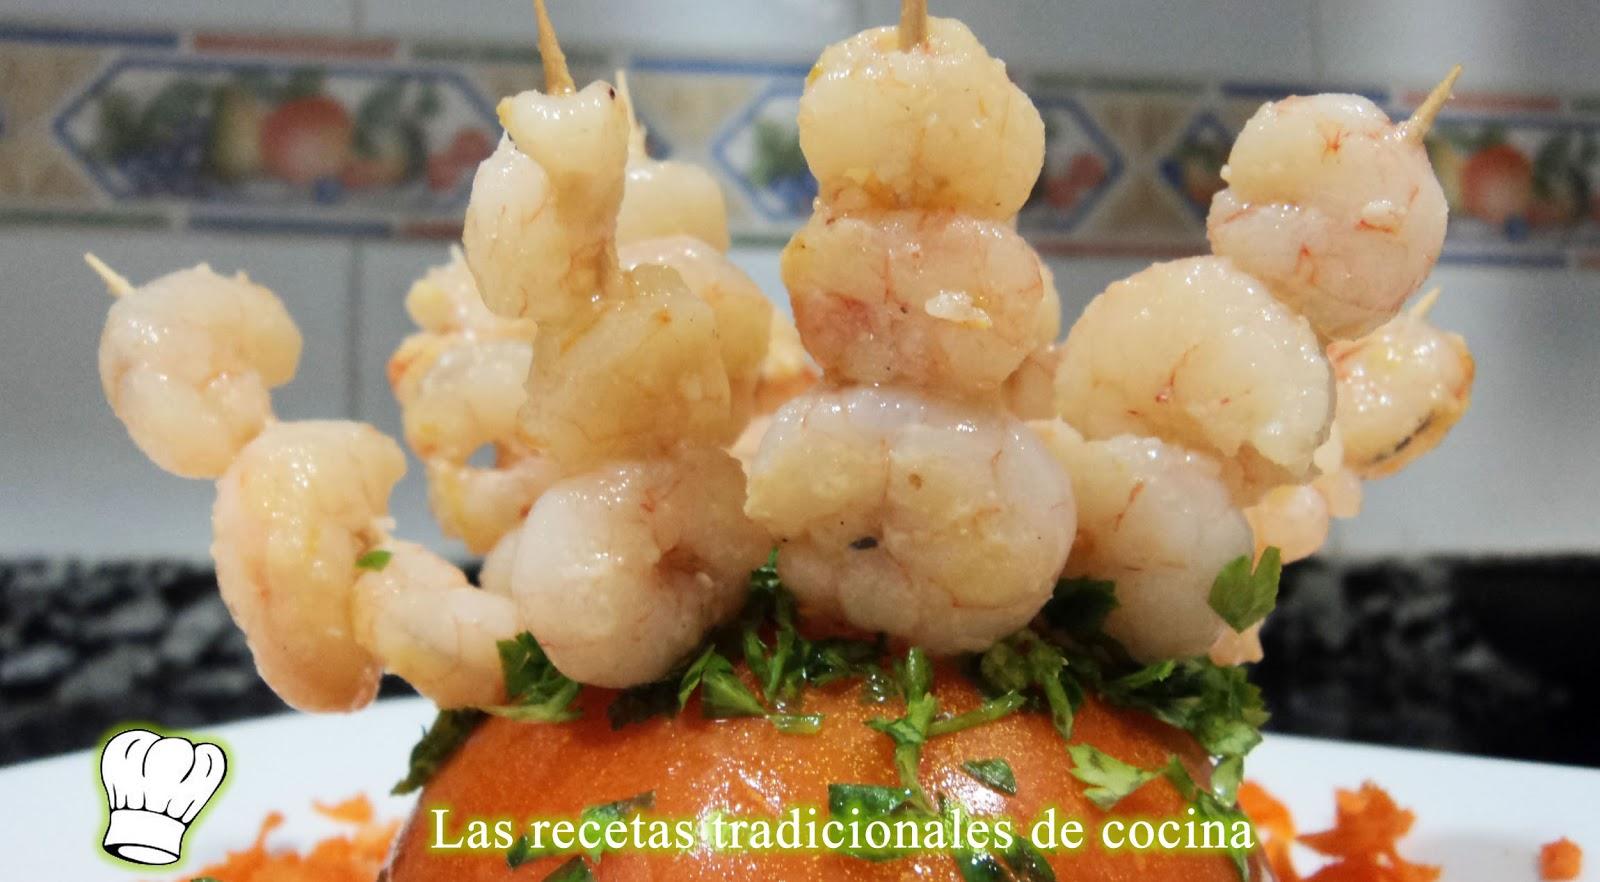 Recetas De Cocina Con Sabor Tradicional Pinchos De Gambas Al Ajillo Receta Simple